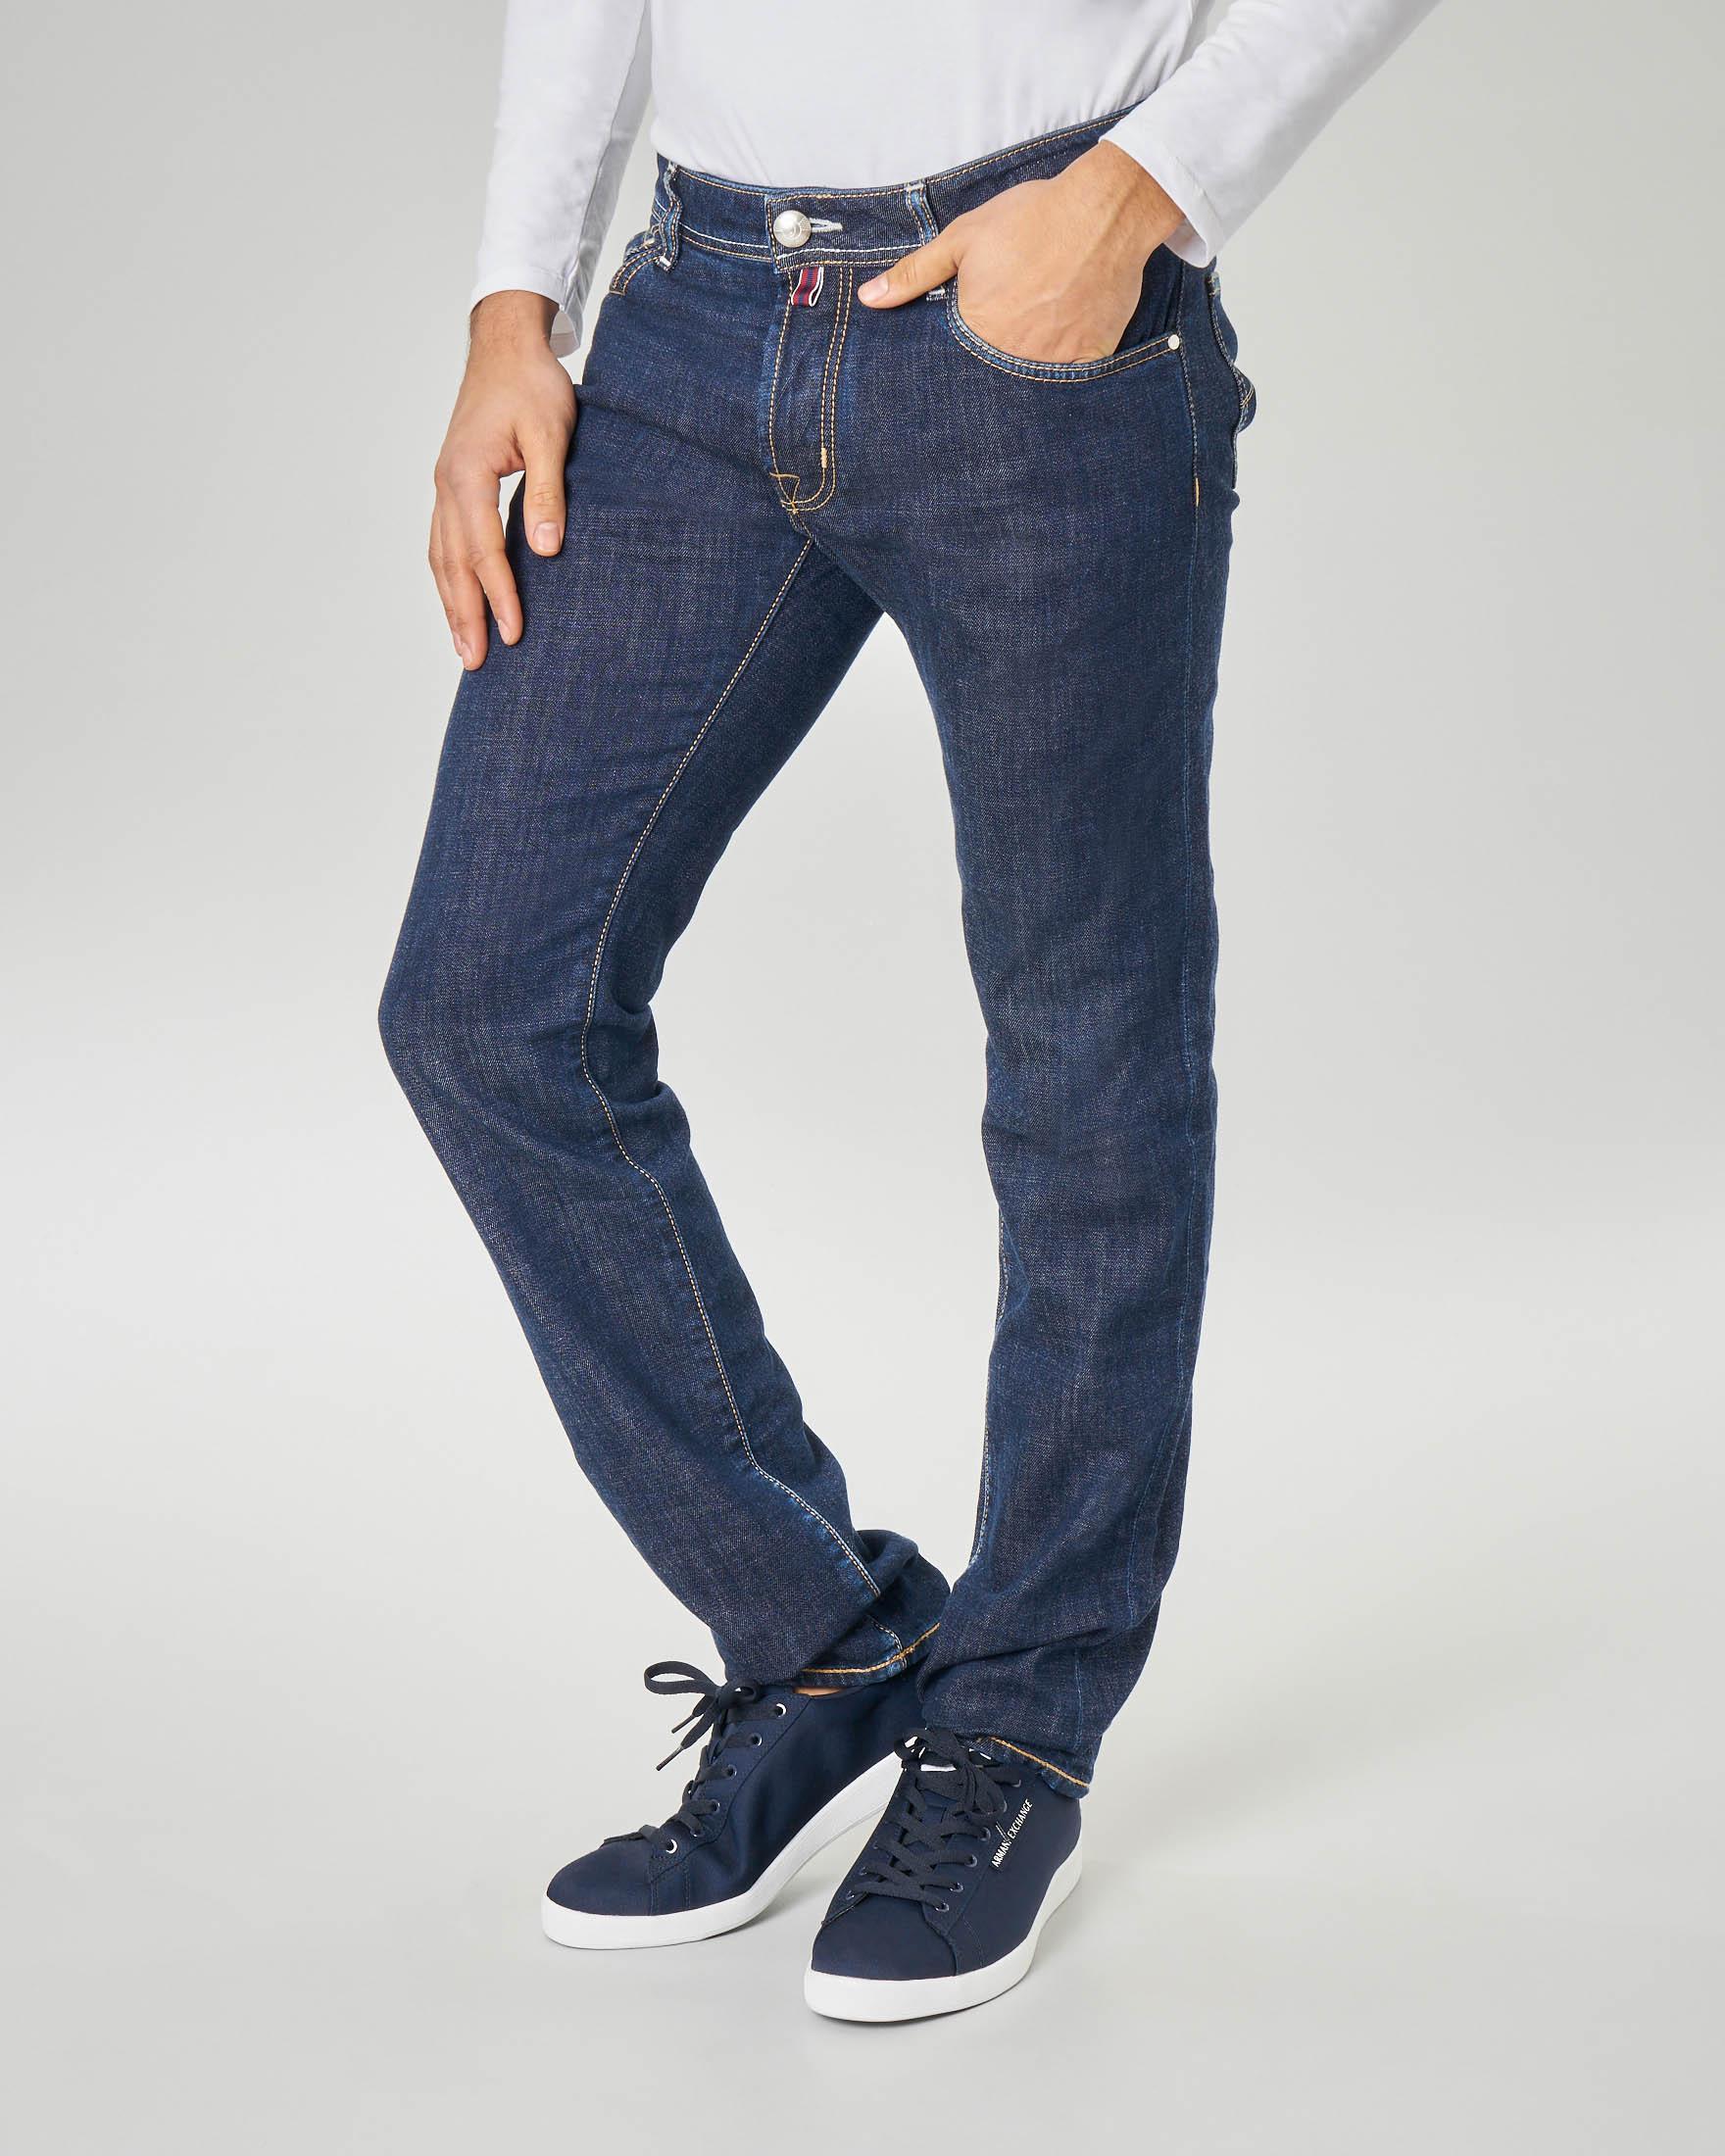 Jeans J622 lavaggio scuro